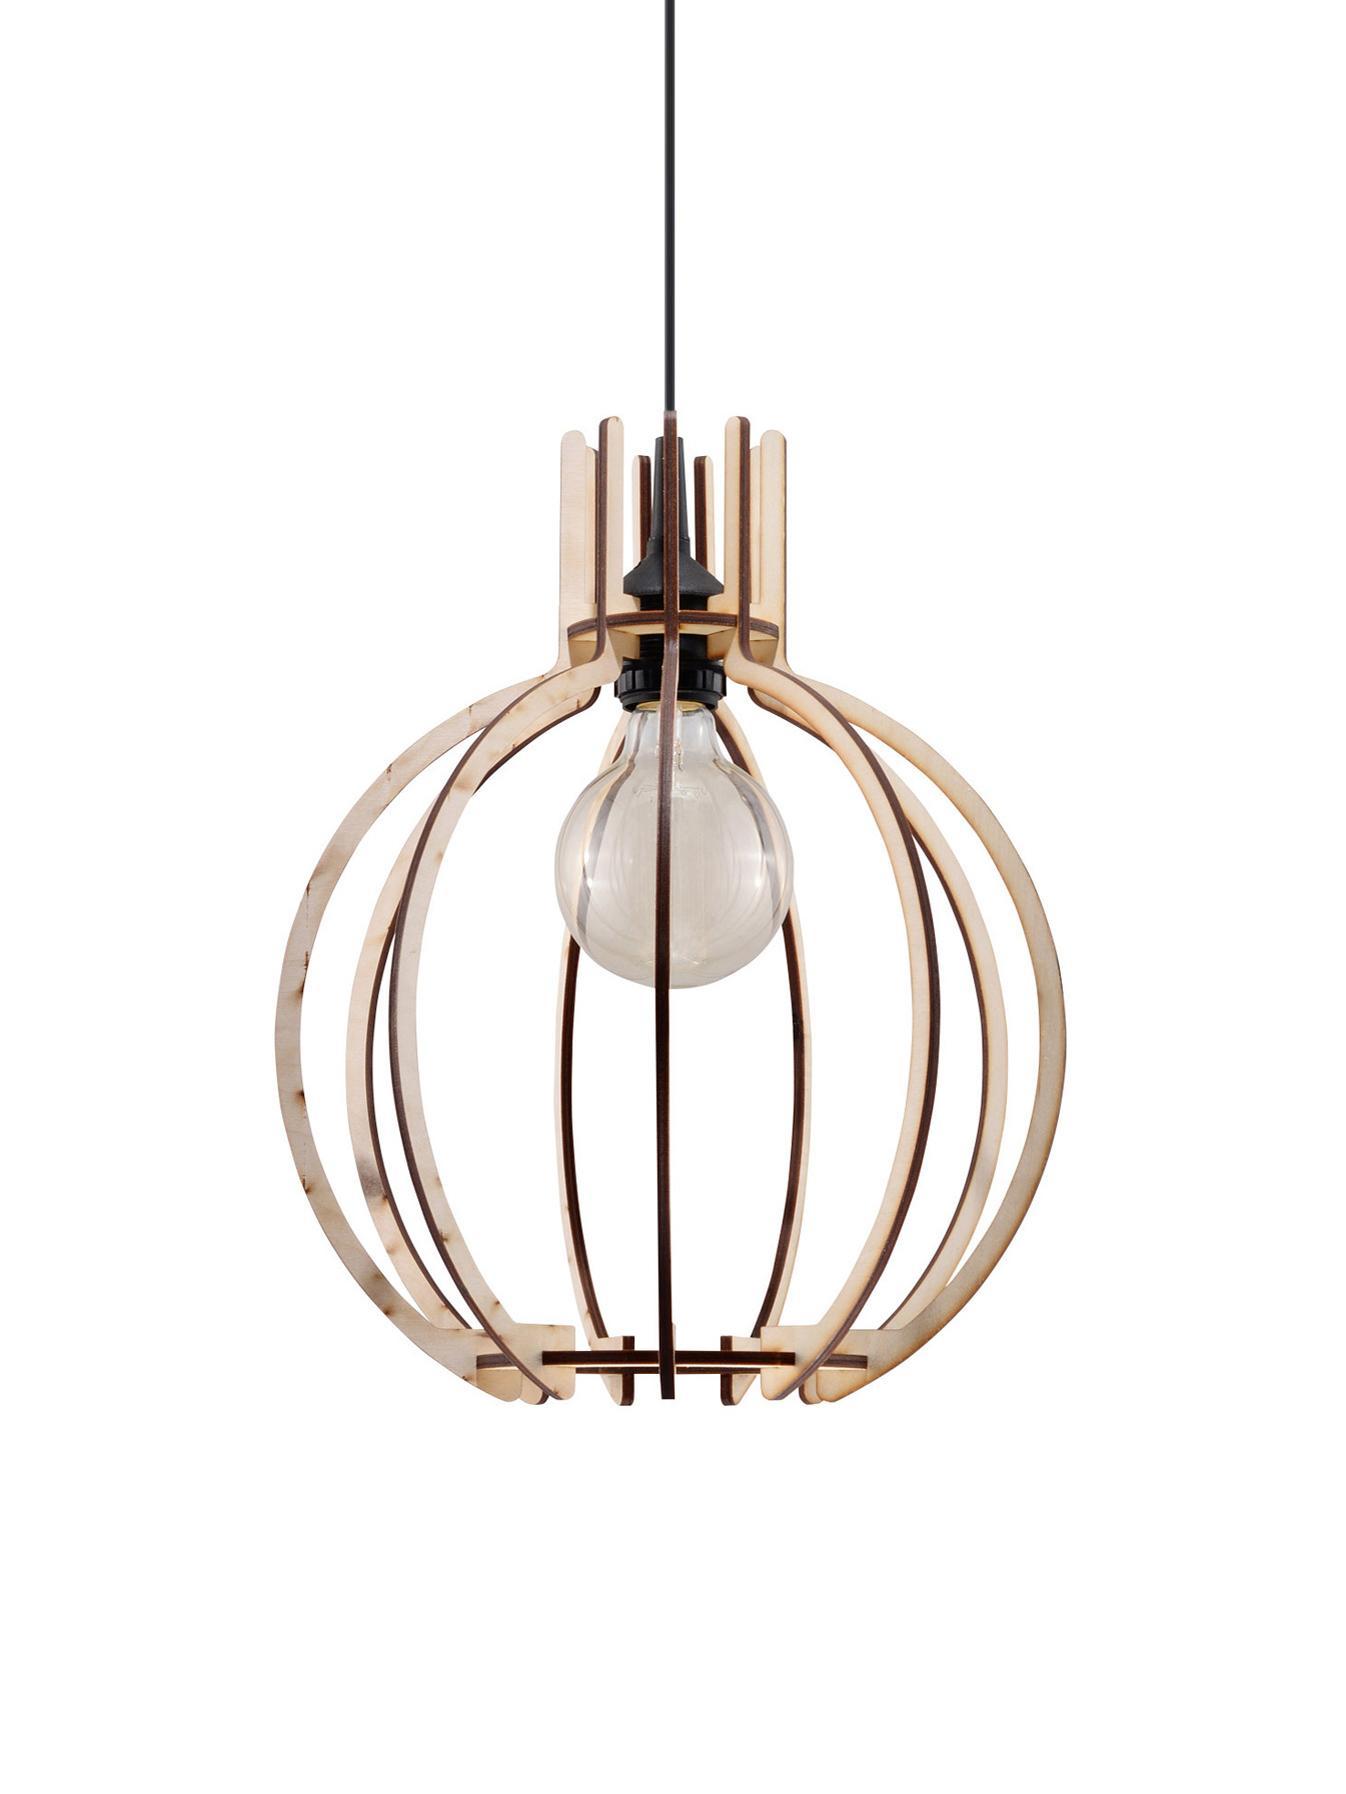 Lampada a sospensione in legno Laranxa, Paralume: legno, Baldacchino: materiale sintetico, Legno, nero, Ø 30 x Alt. 90 cm